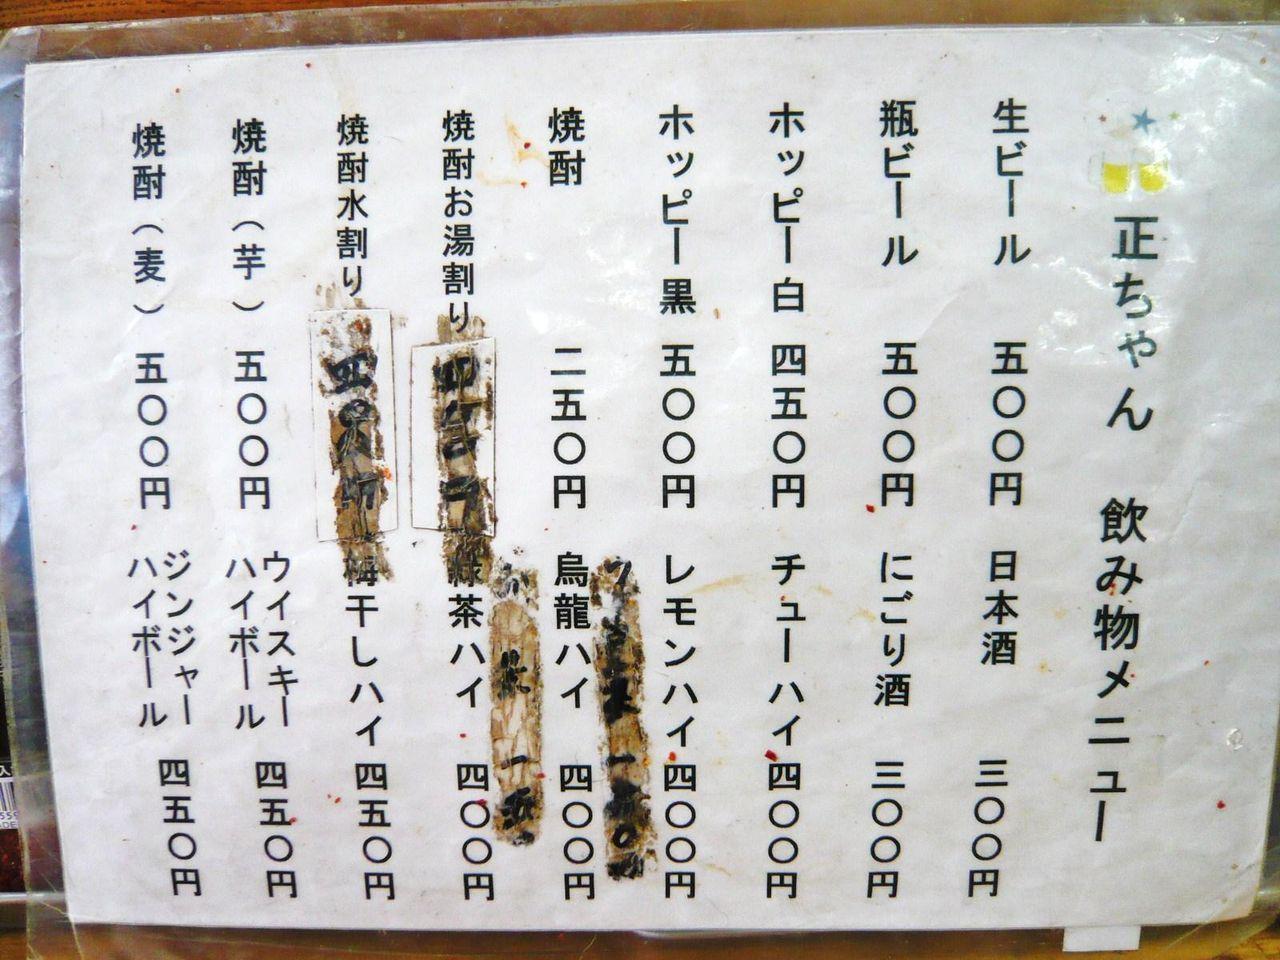 正ちゃんの飲み物メニュー(24年1月現在)